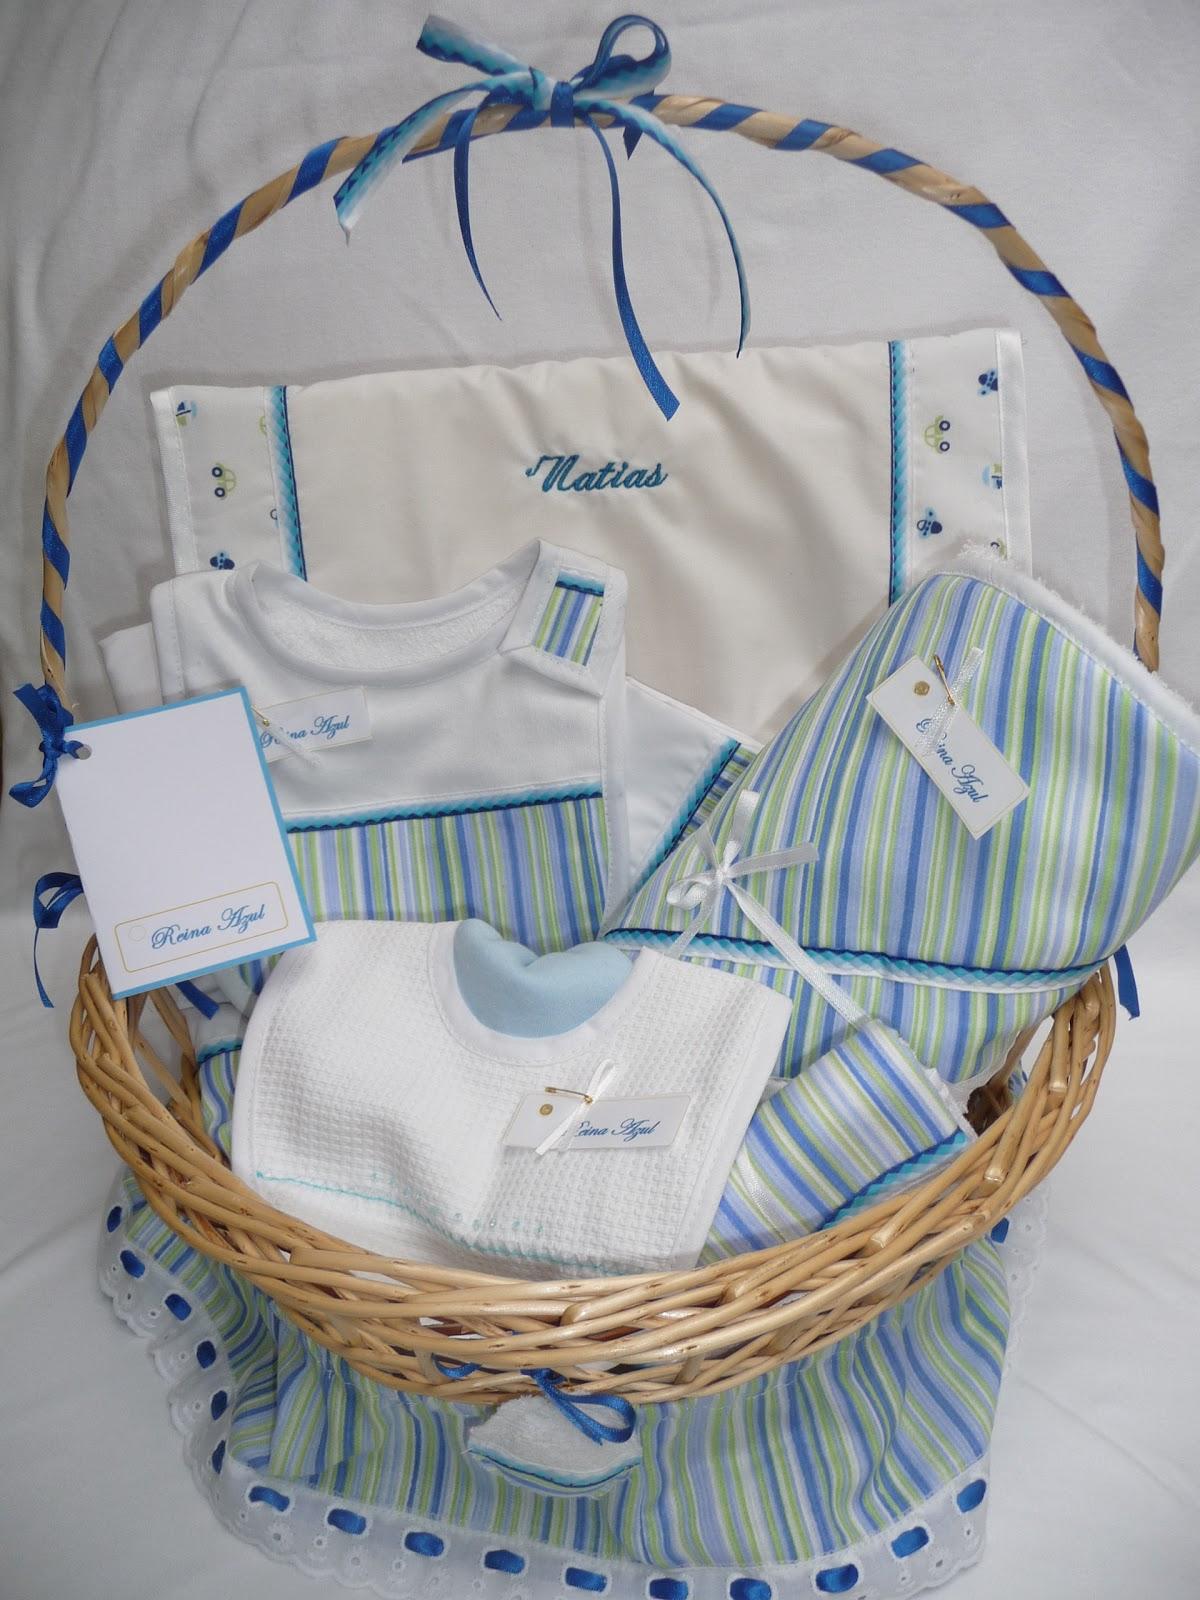 Canastas de mimbre decoradas para bebé - Imagui